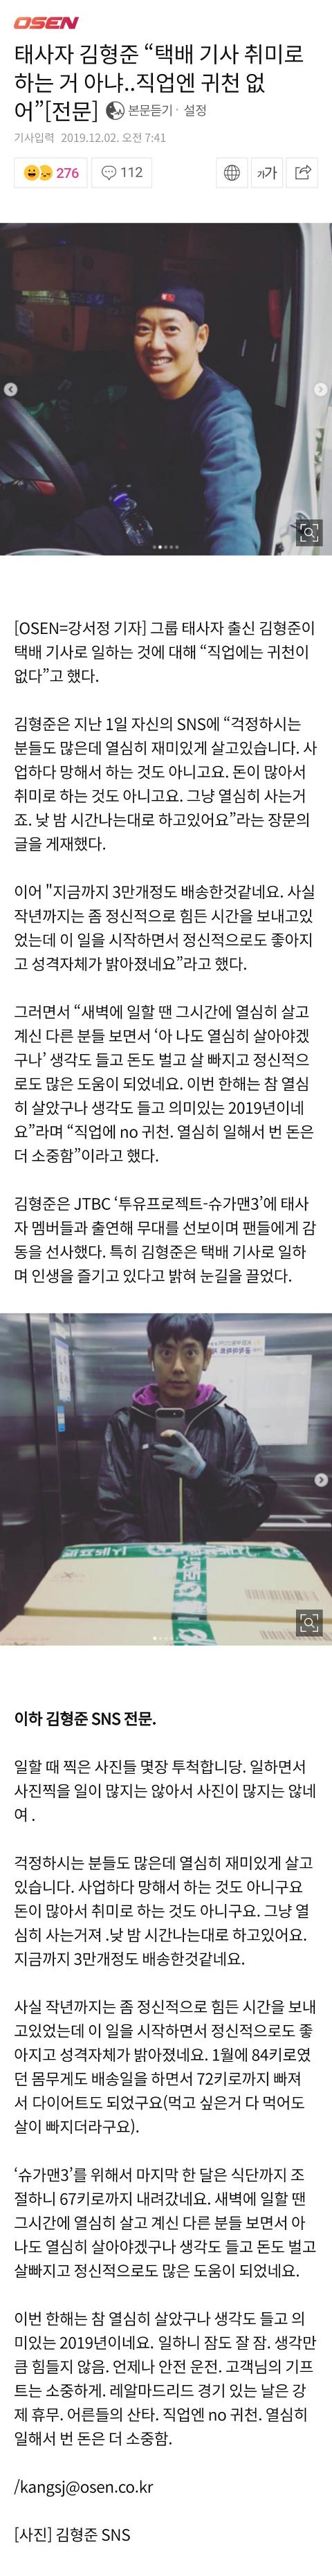 """태사자 김형준 """"택배 기사 취미로 하는 거 아냐..직업엔 귀천 없어"""""""